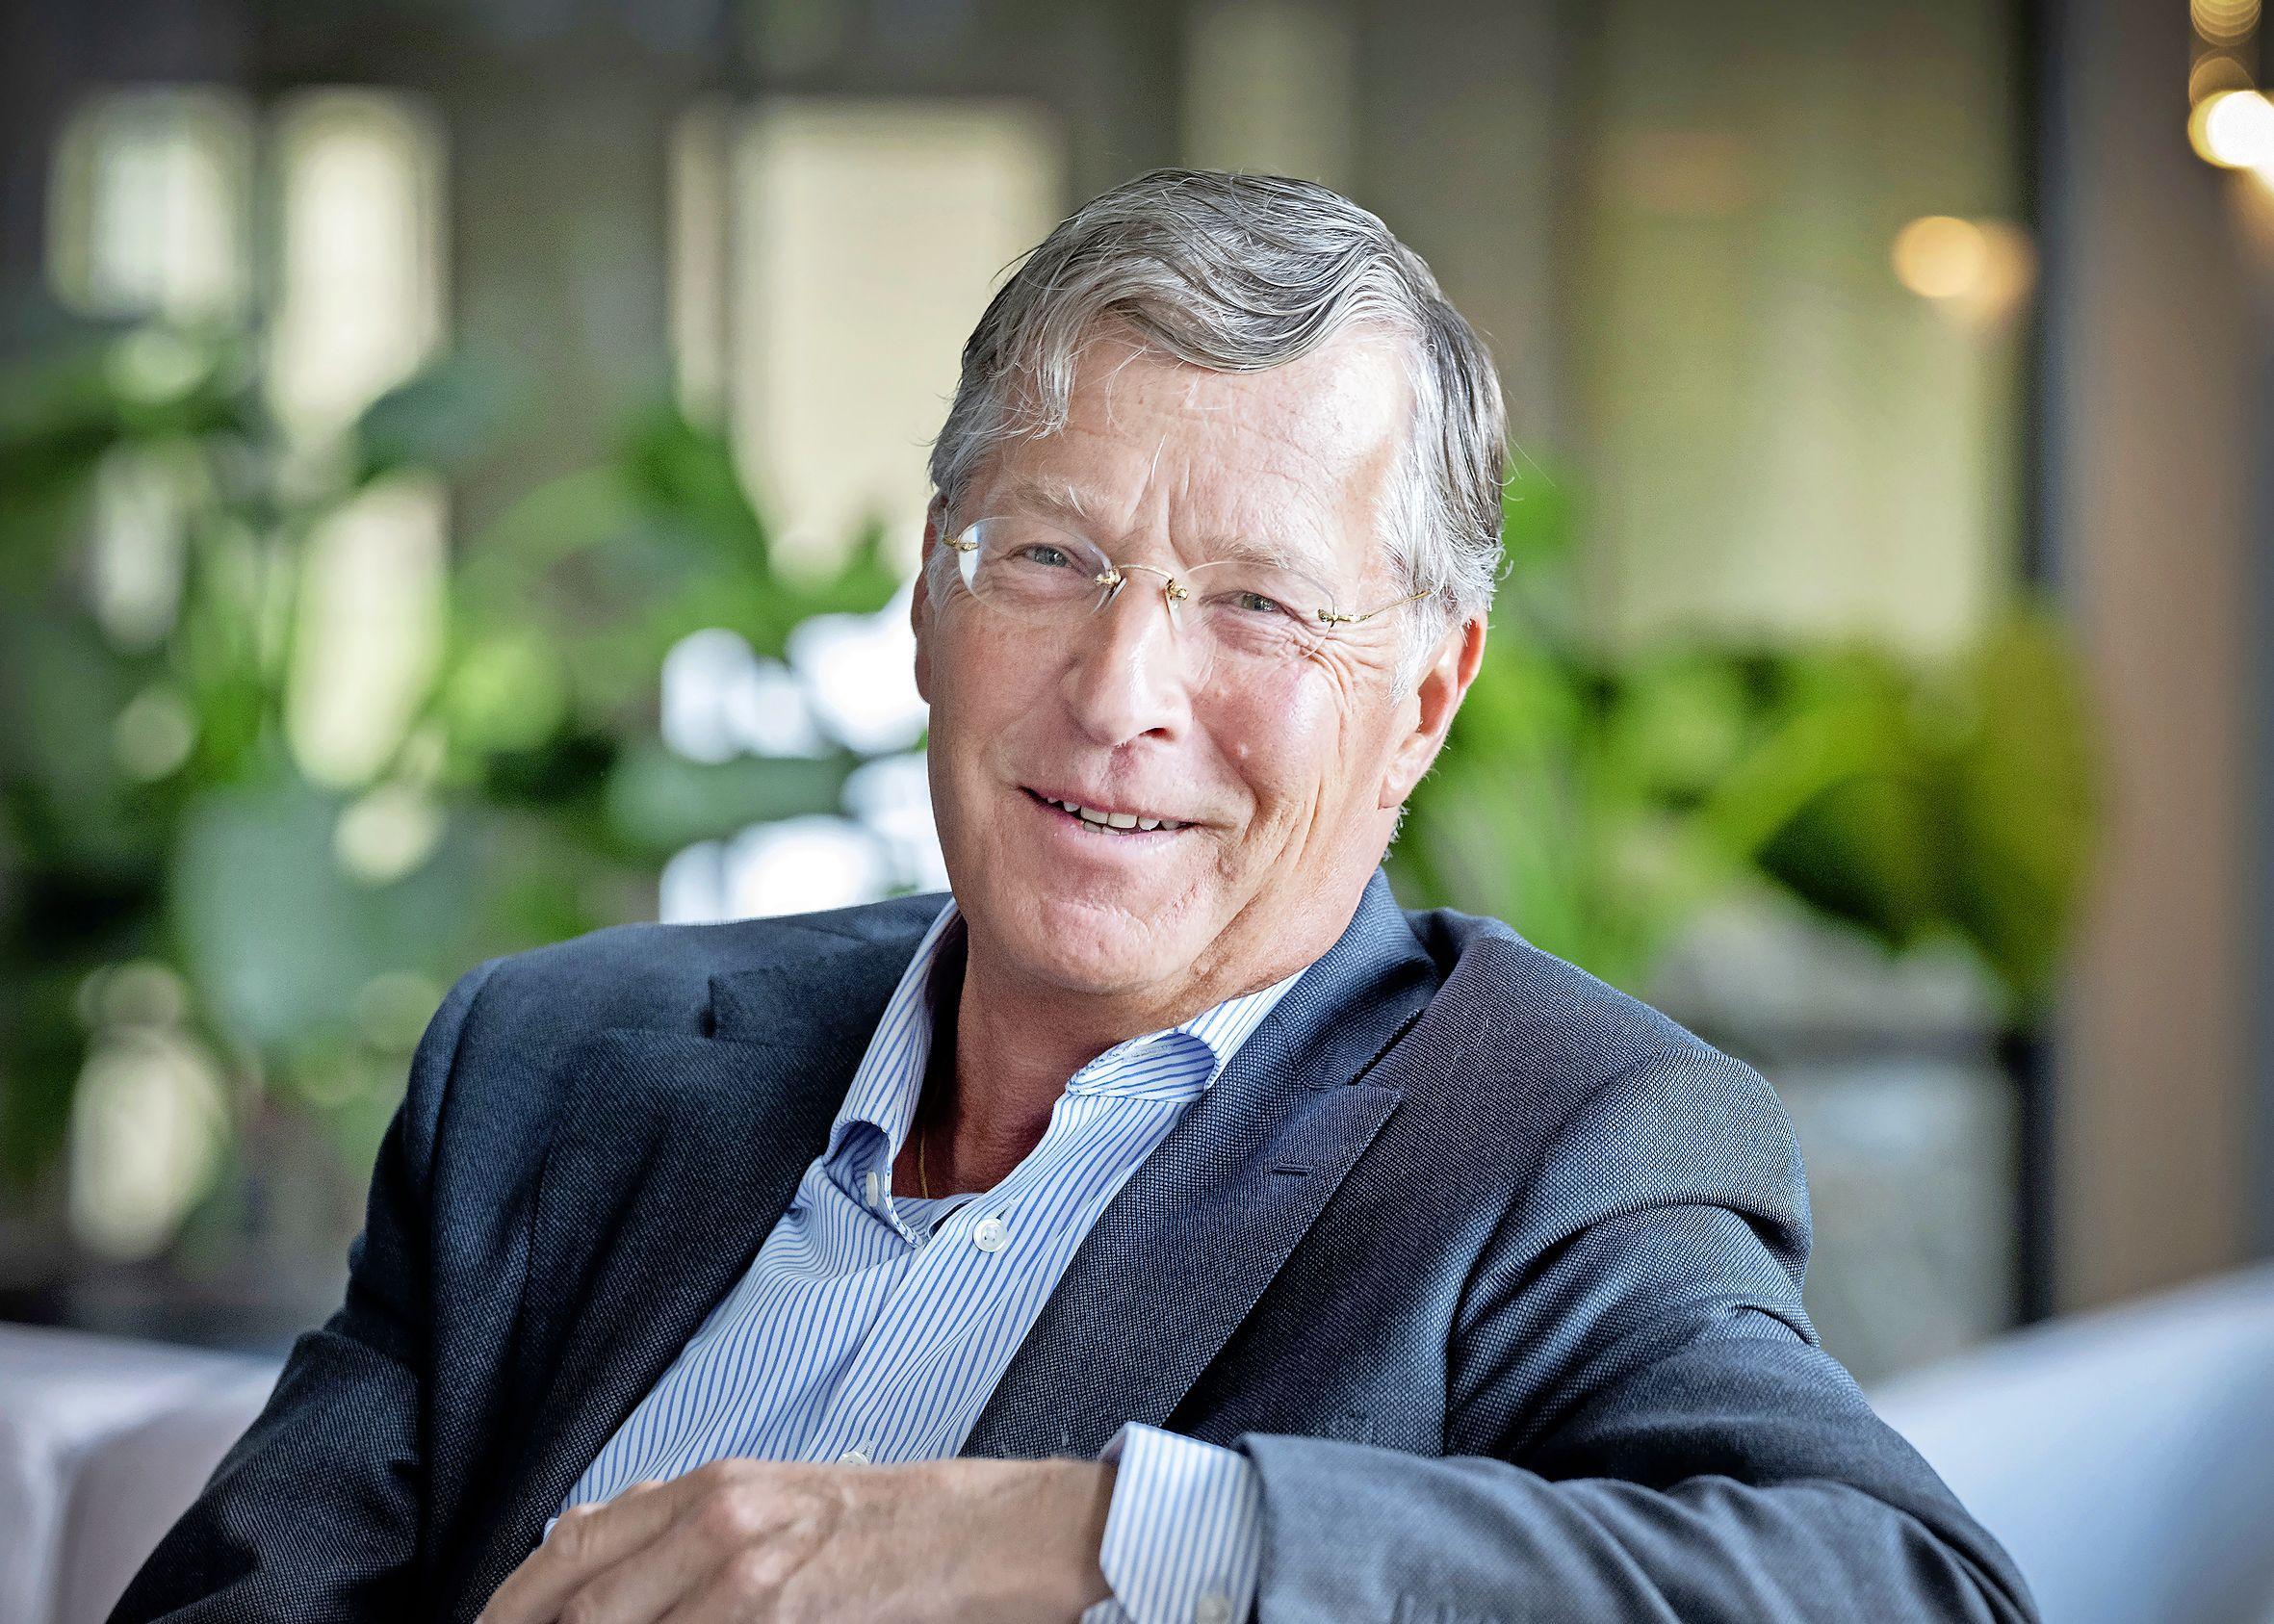 Directeur Cees Boon veranderde sociale onderneming Paswerk voorgoed, afgerekend met 'pampercultuur'